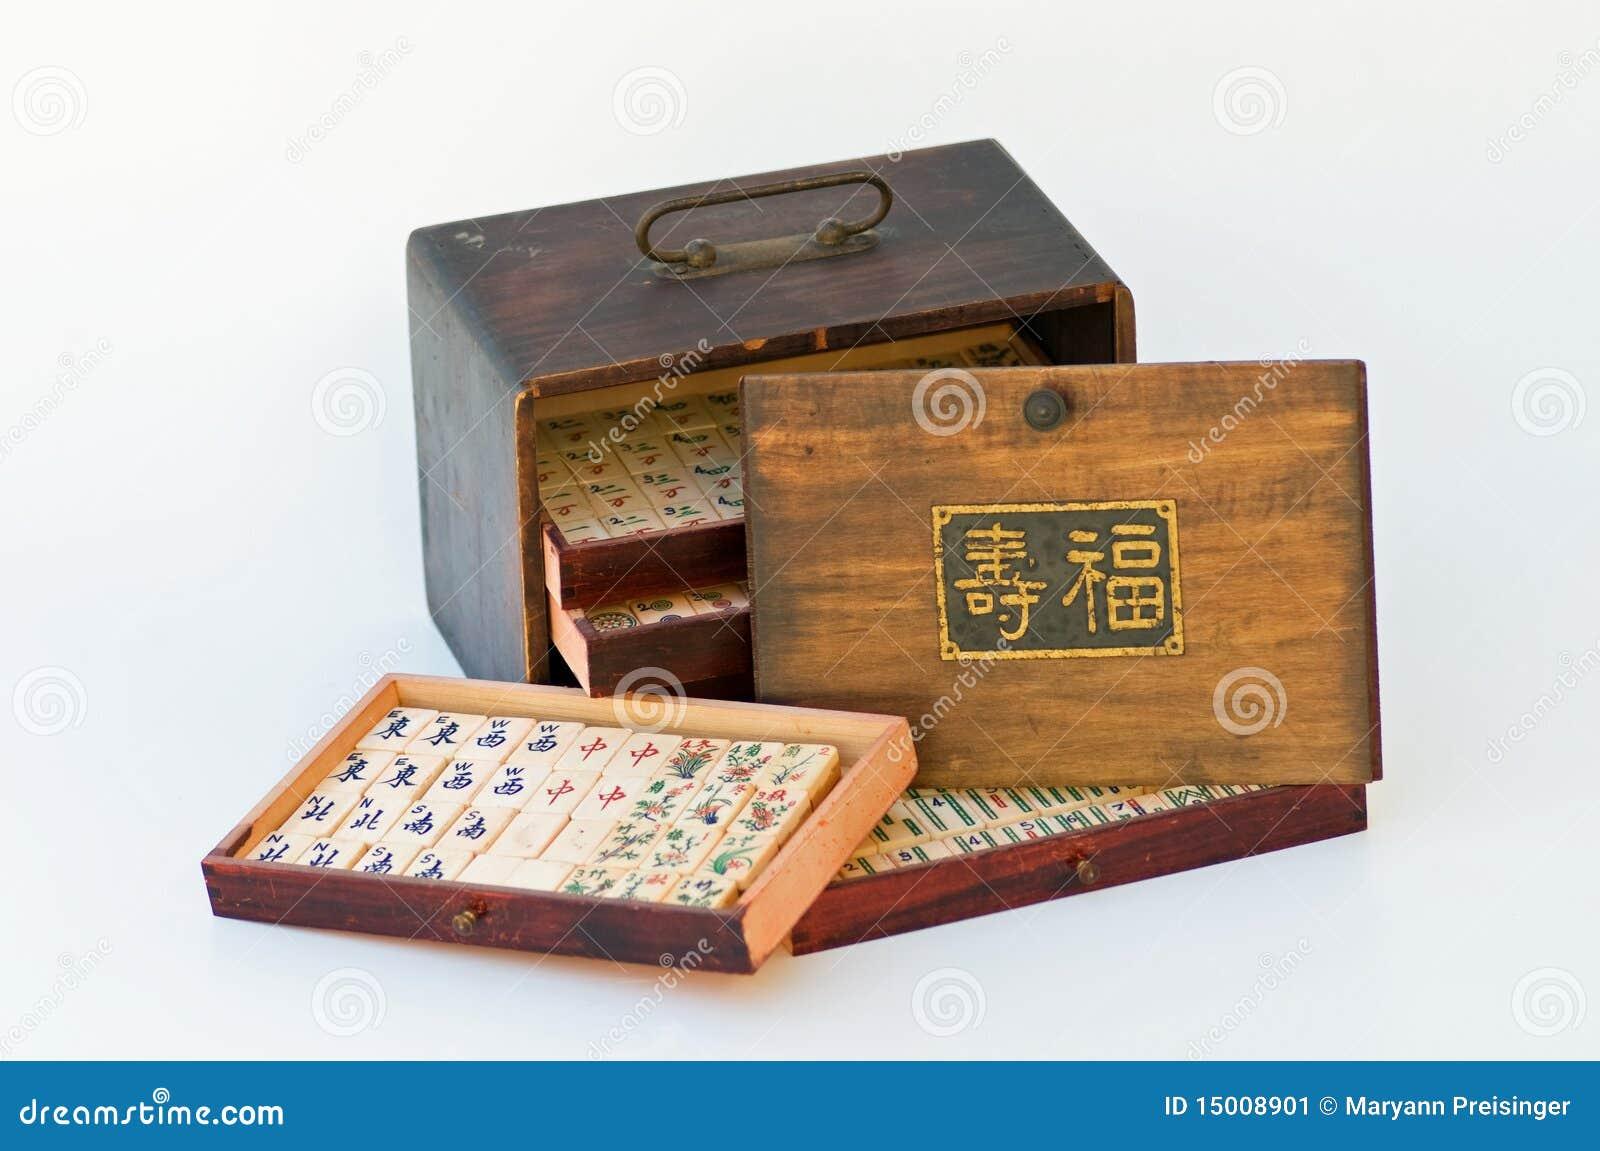 Mahjong game tiles old wood box long life sign